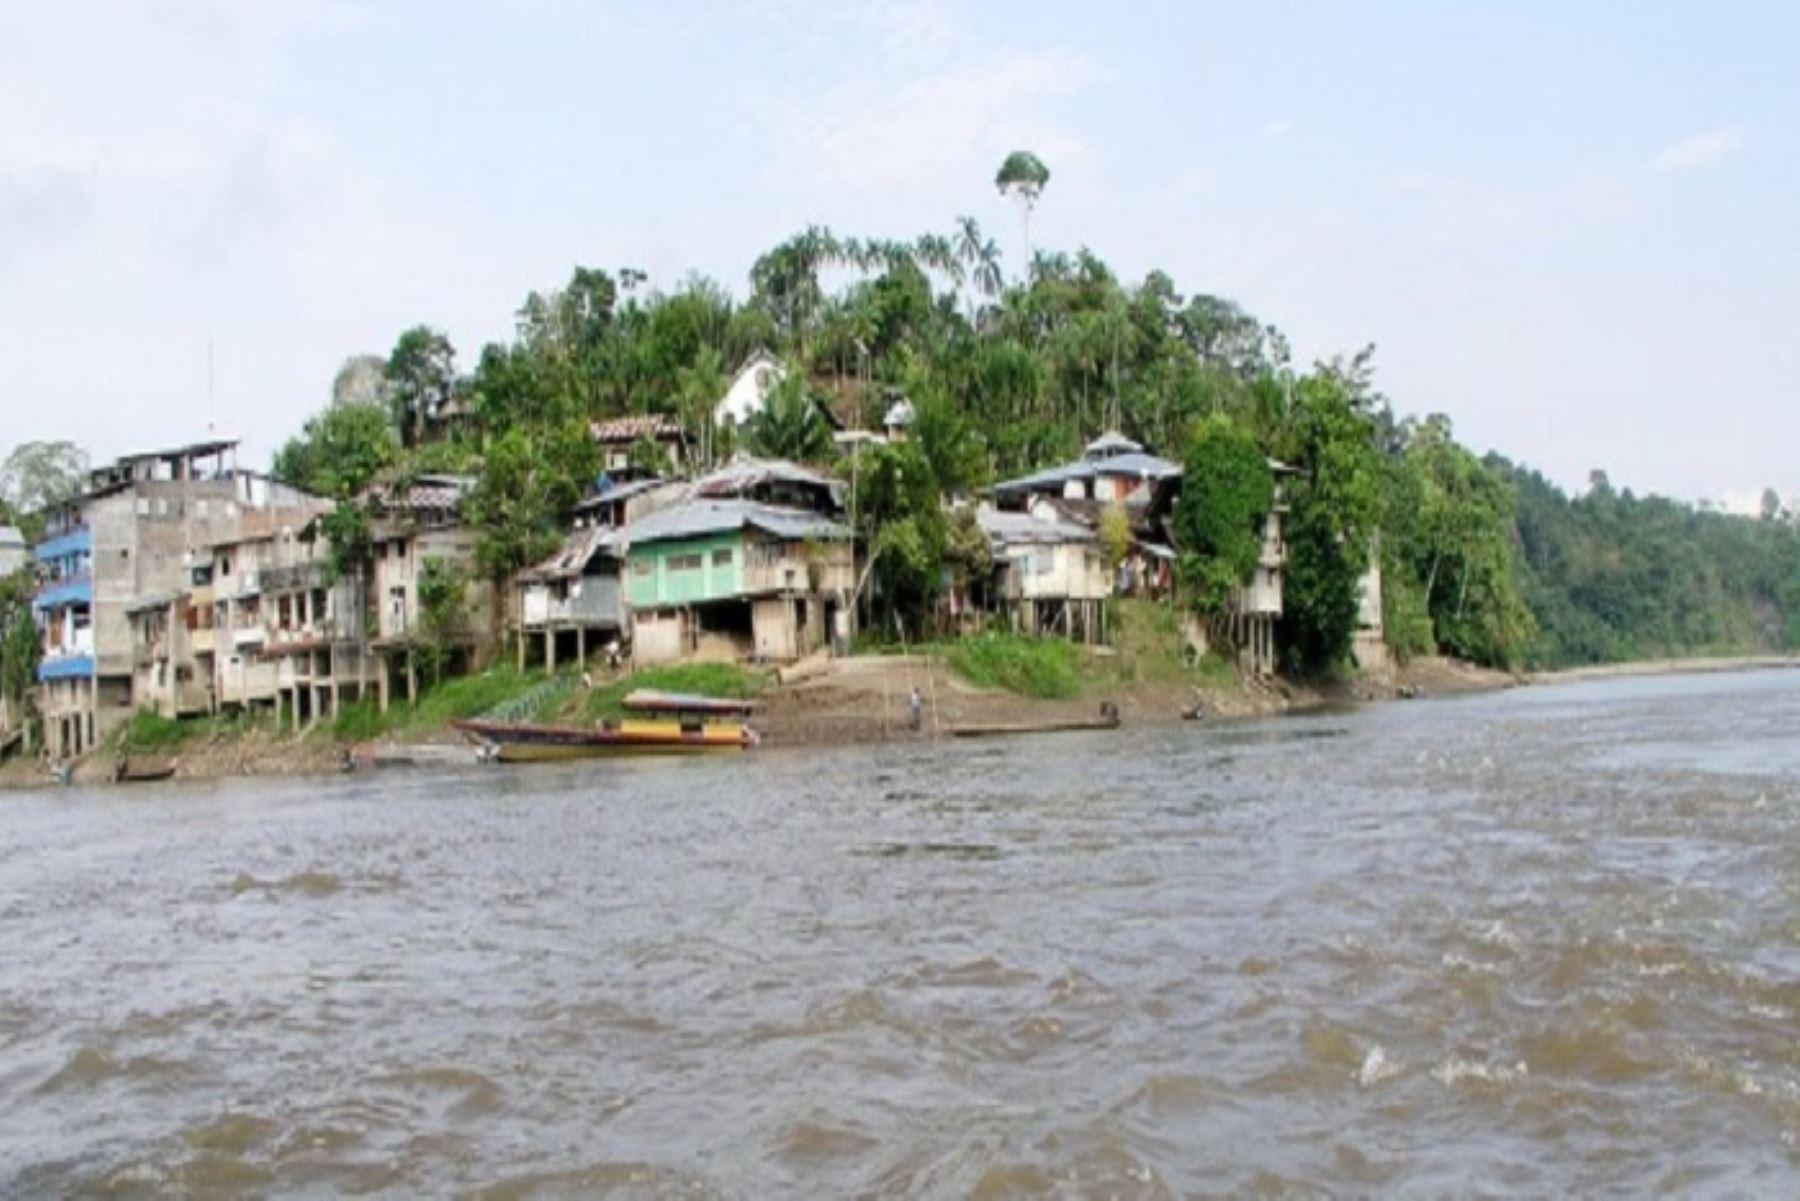 amazonas-ejecutivo-declara-en-emergencia-a-nieva-debido-a-danos-por-lluvias